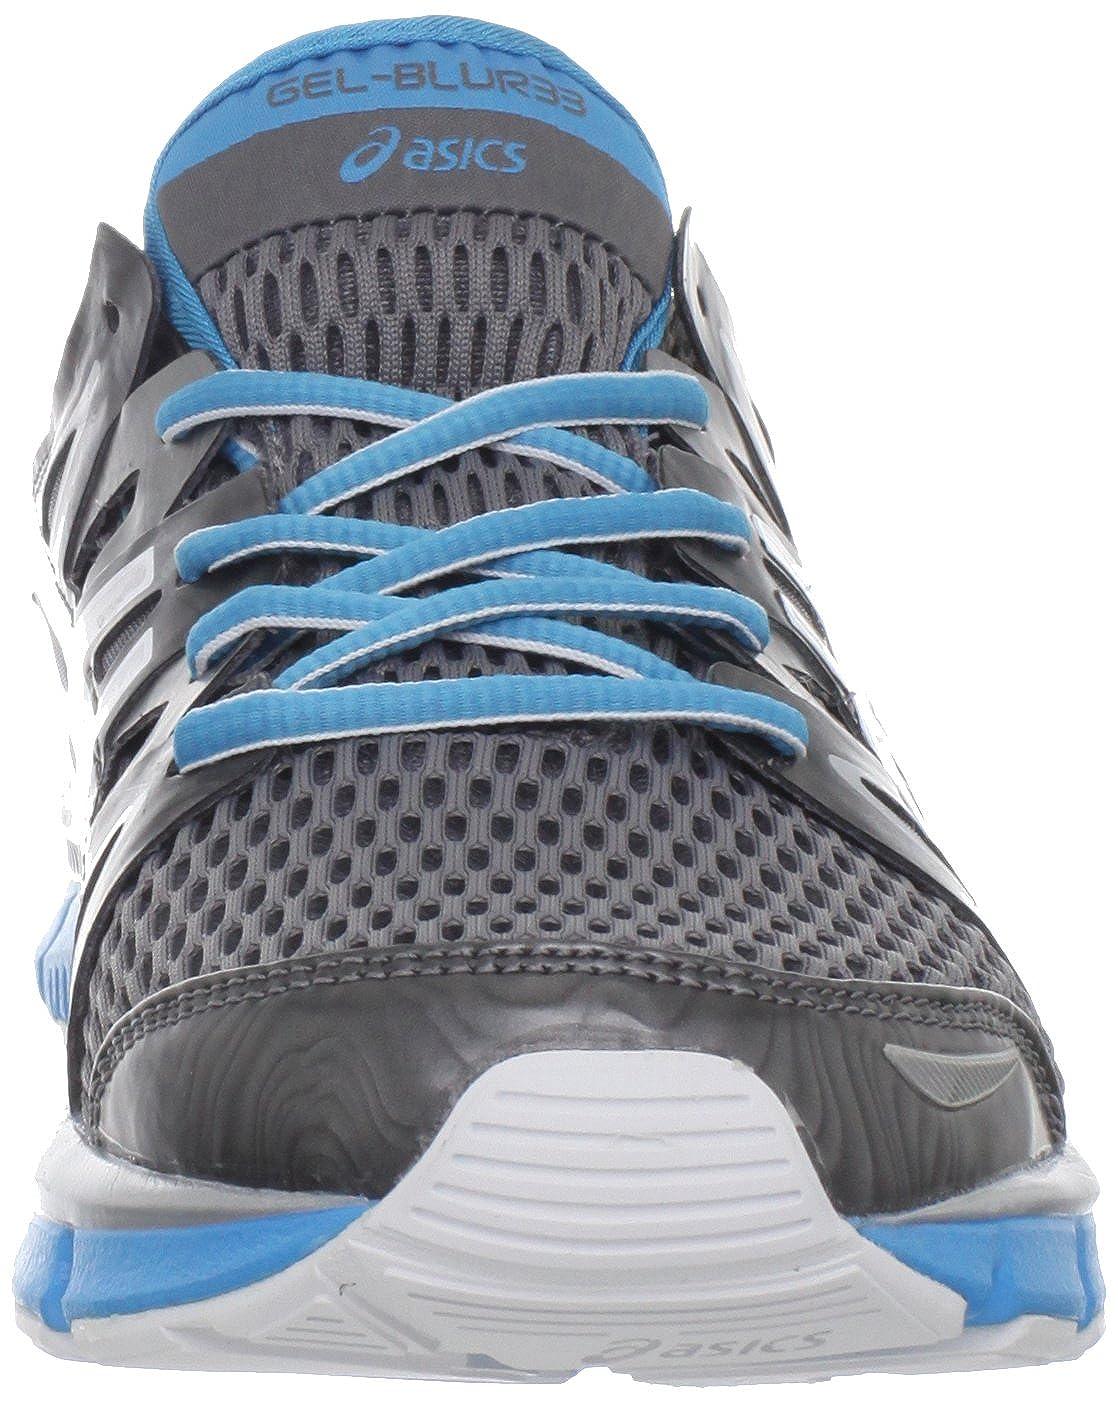 ASICS Women s GEL-Blur33 2.0 Running Shoe